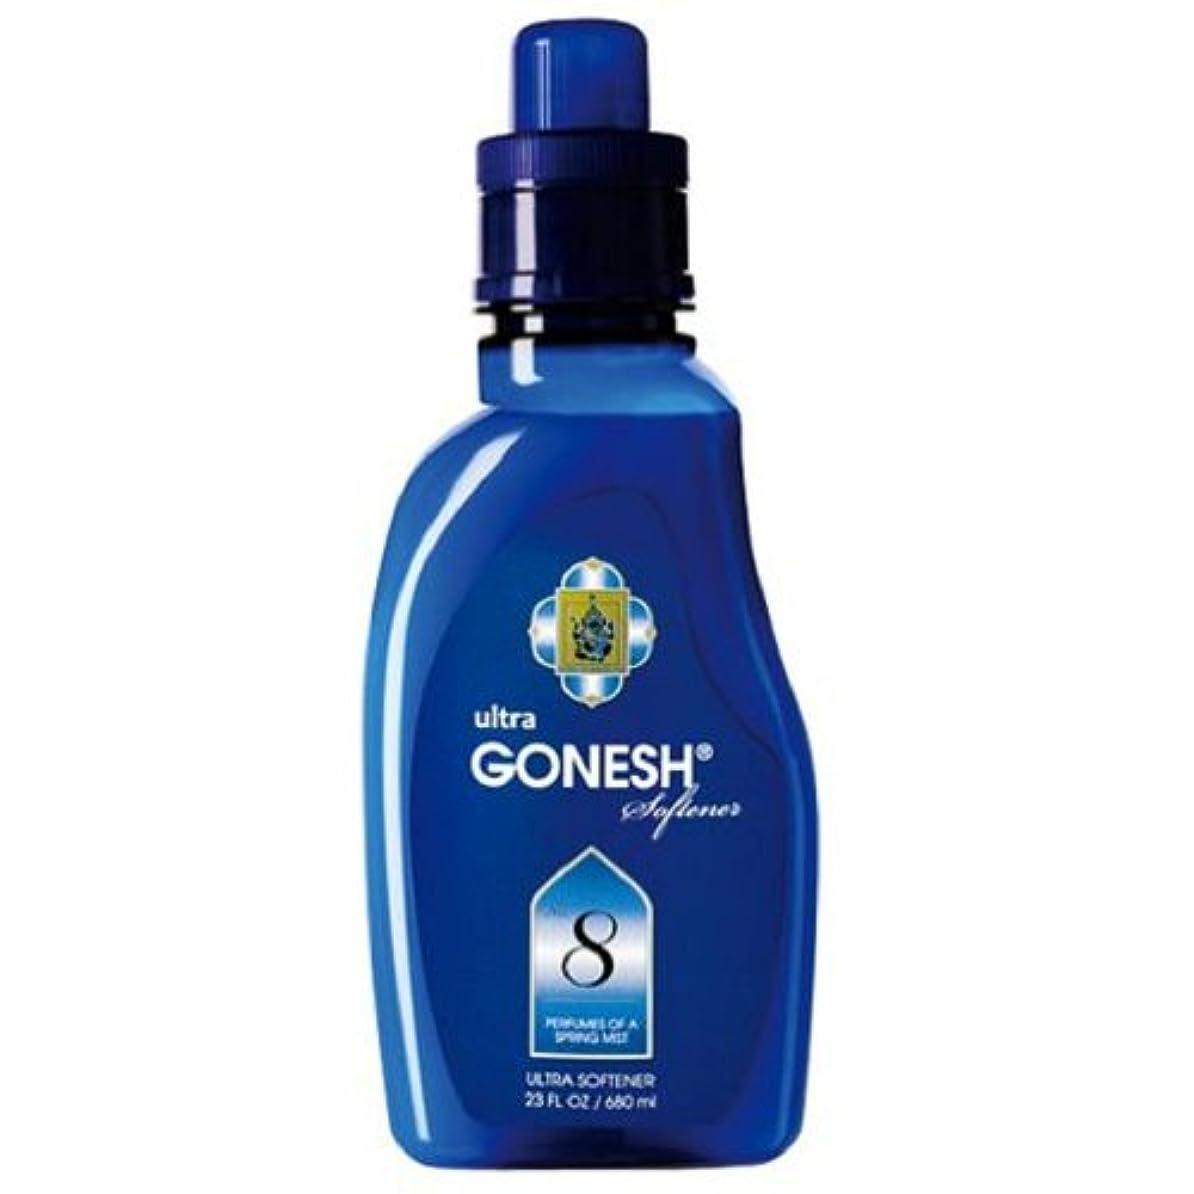 私たちのもの強制的すりGONESH(ガーネッシュ)ウルトラソフナー NO.8 680ml 柔軟剤 (ほのかに甘いフルーツ系の香り)